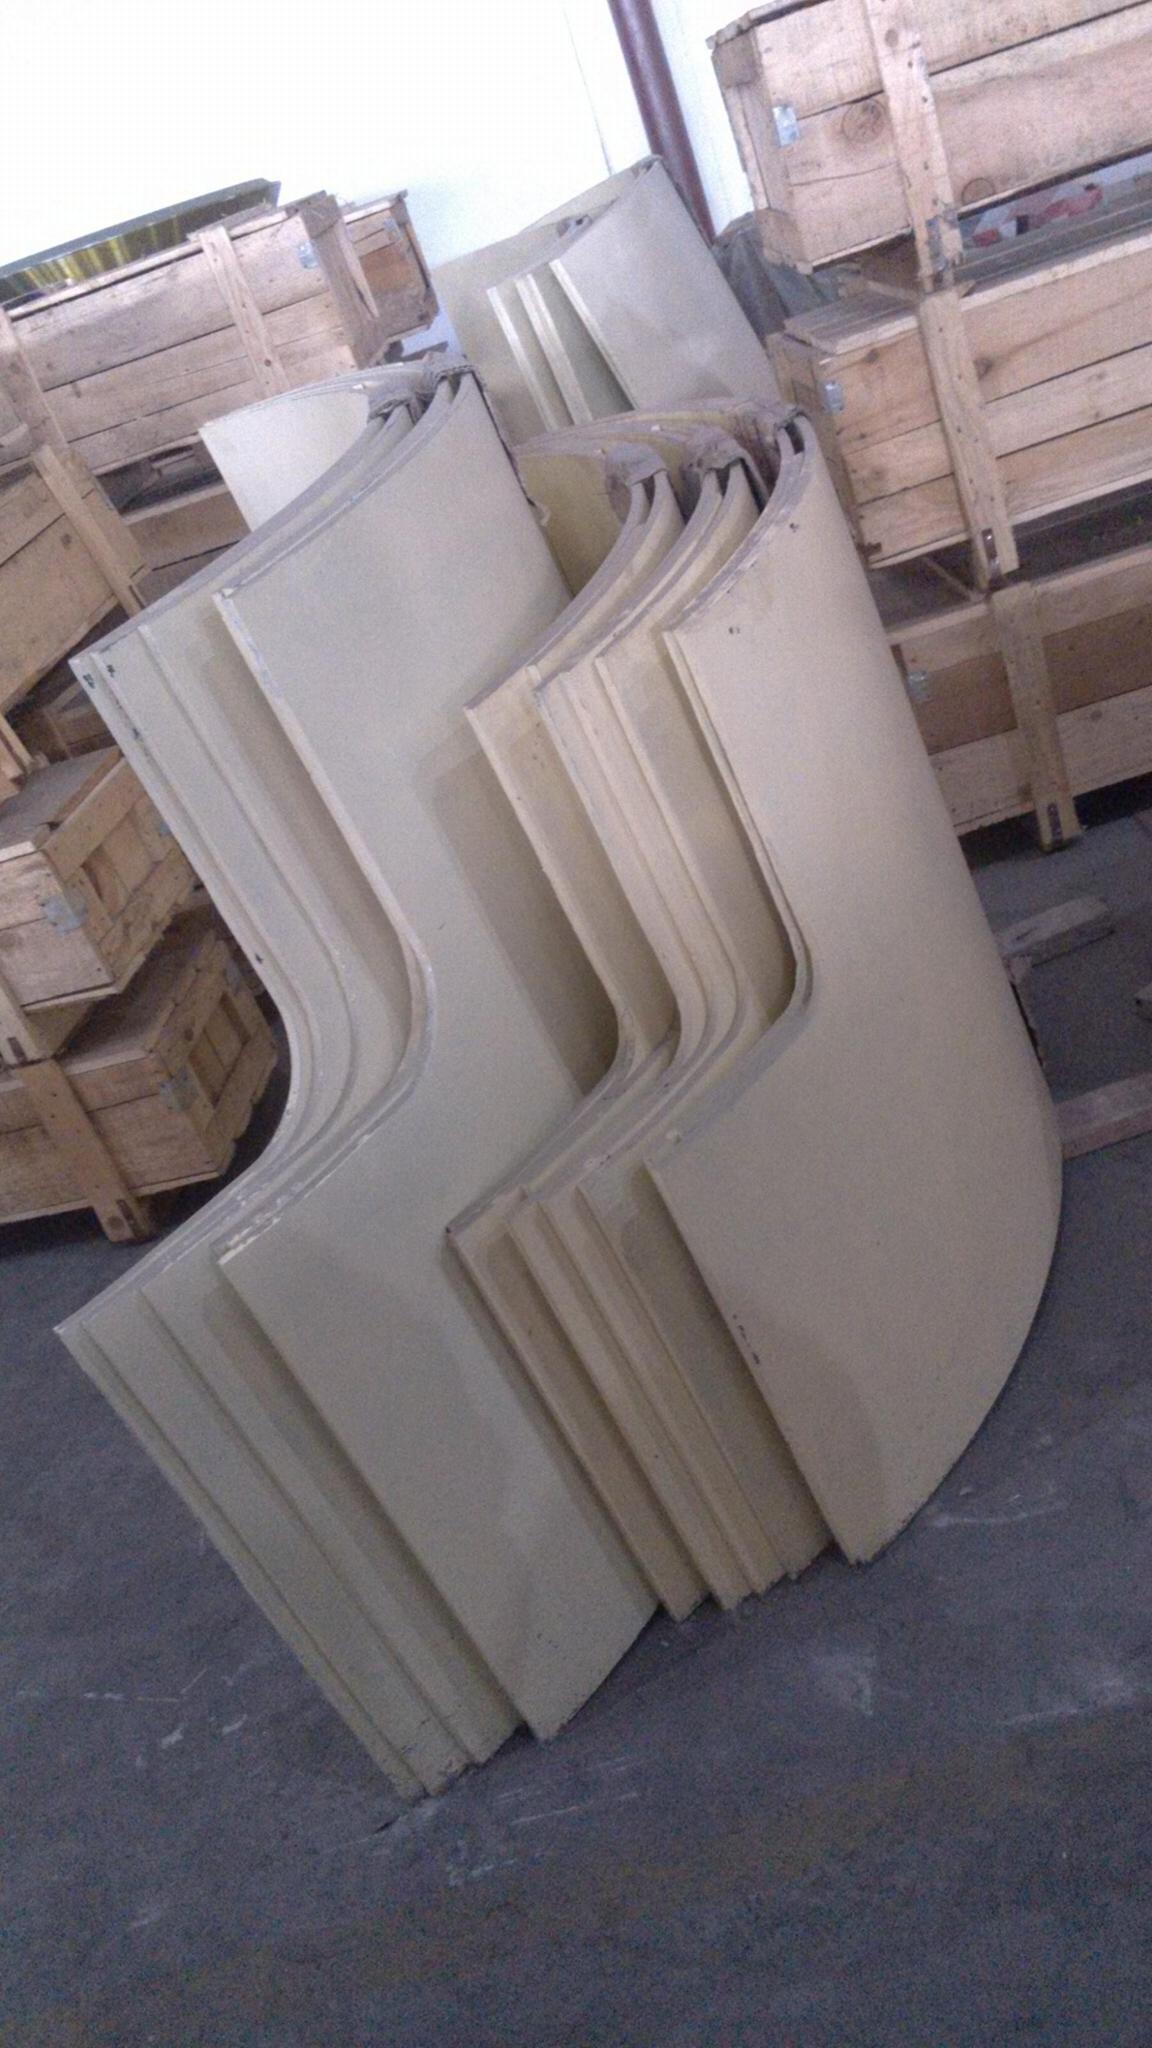 上下边护板,配重护板,主机护板,筋护板 6